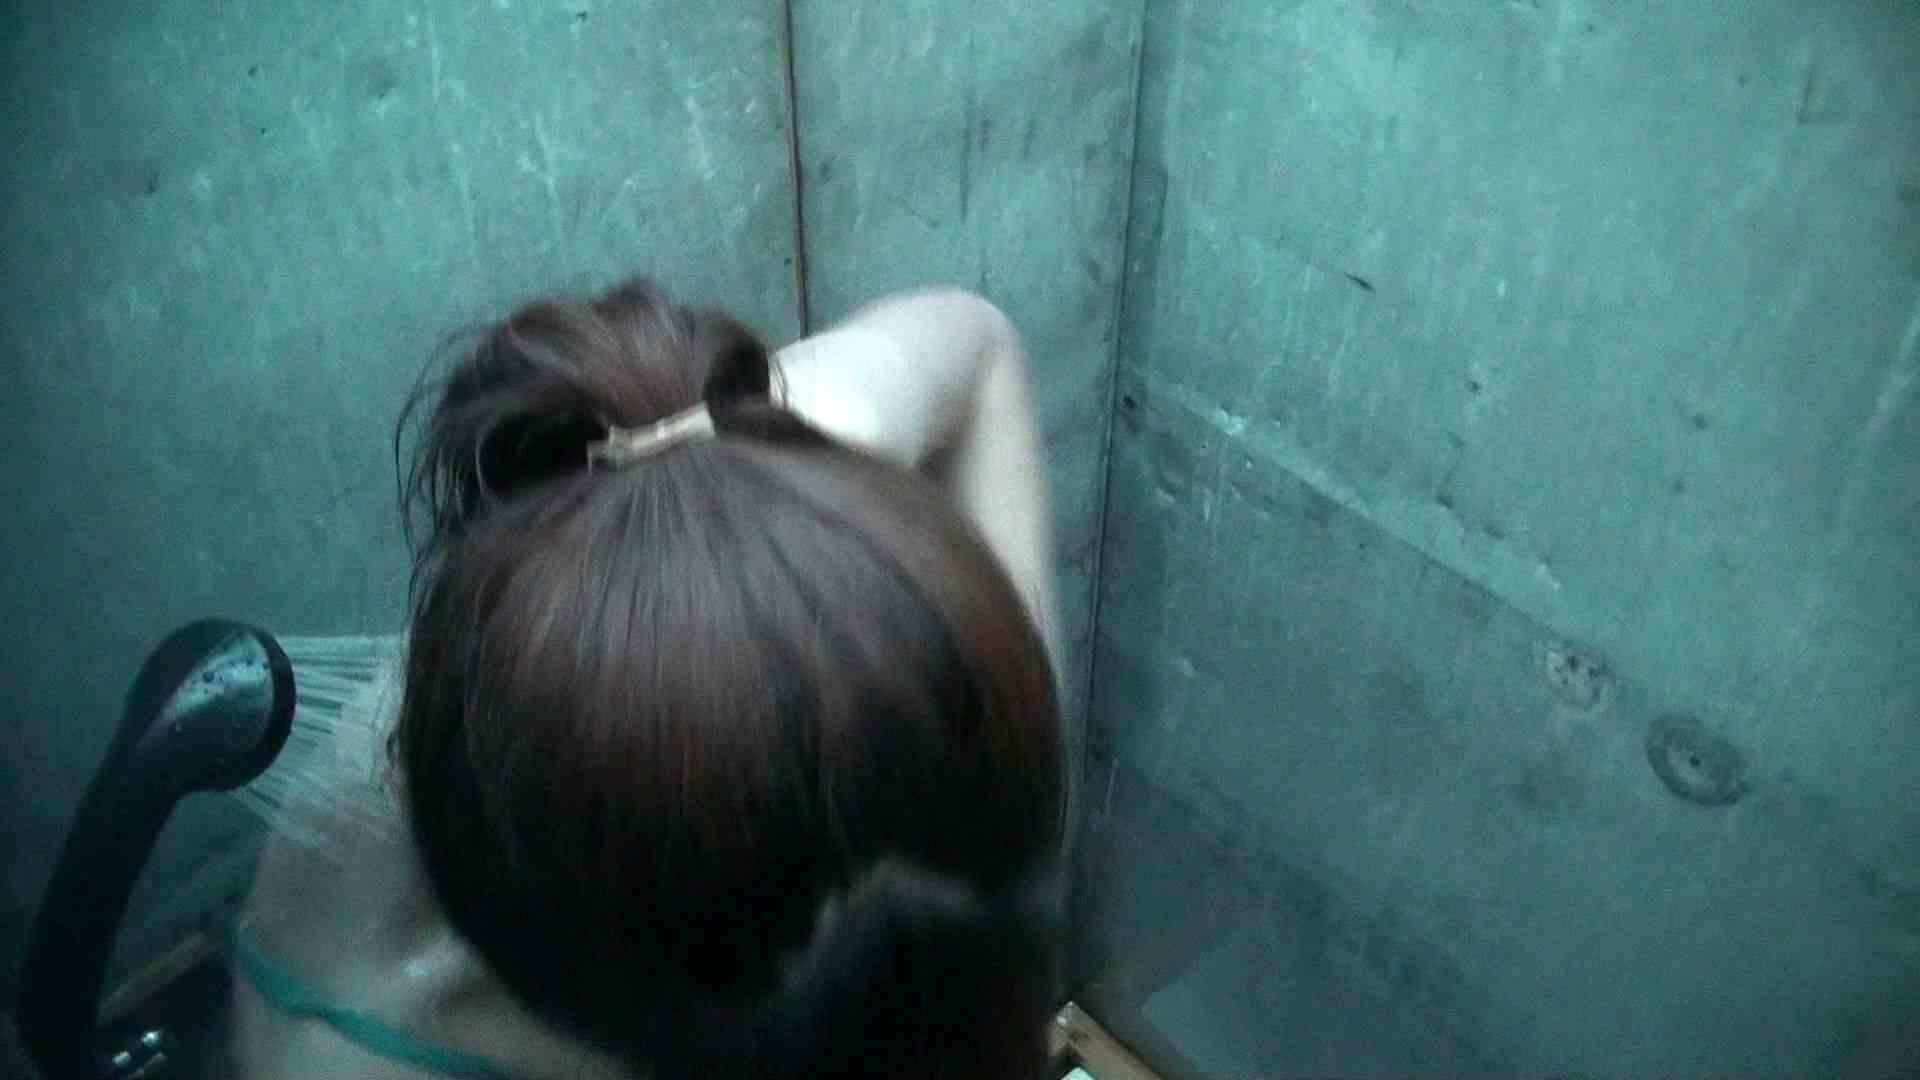 シャワールームは超!!危険な香りVol.30 甘栗剥いちゃいました 美女OL  46連発 12